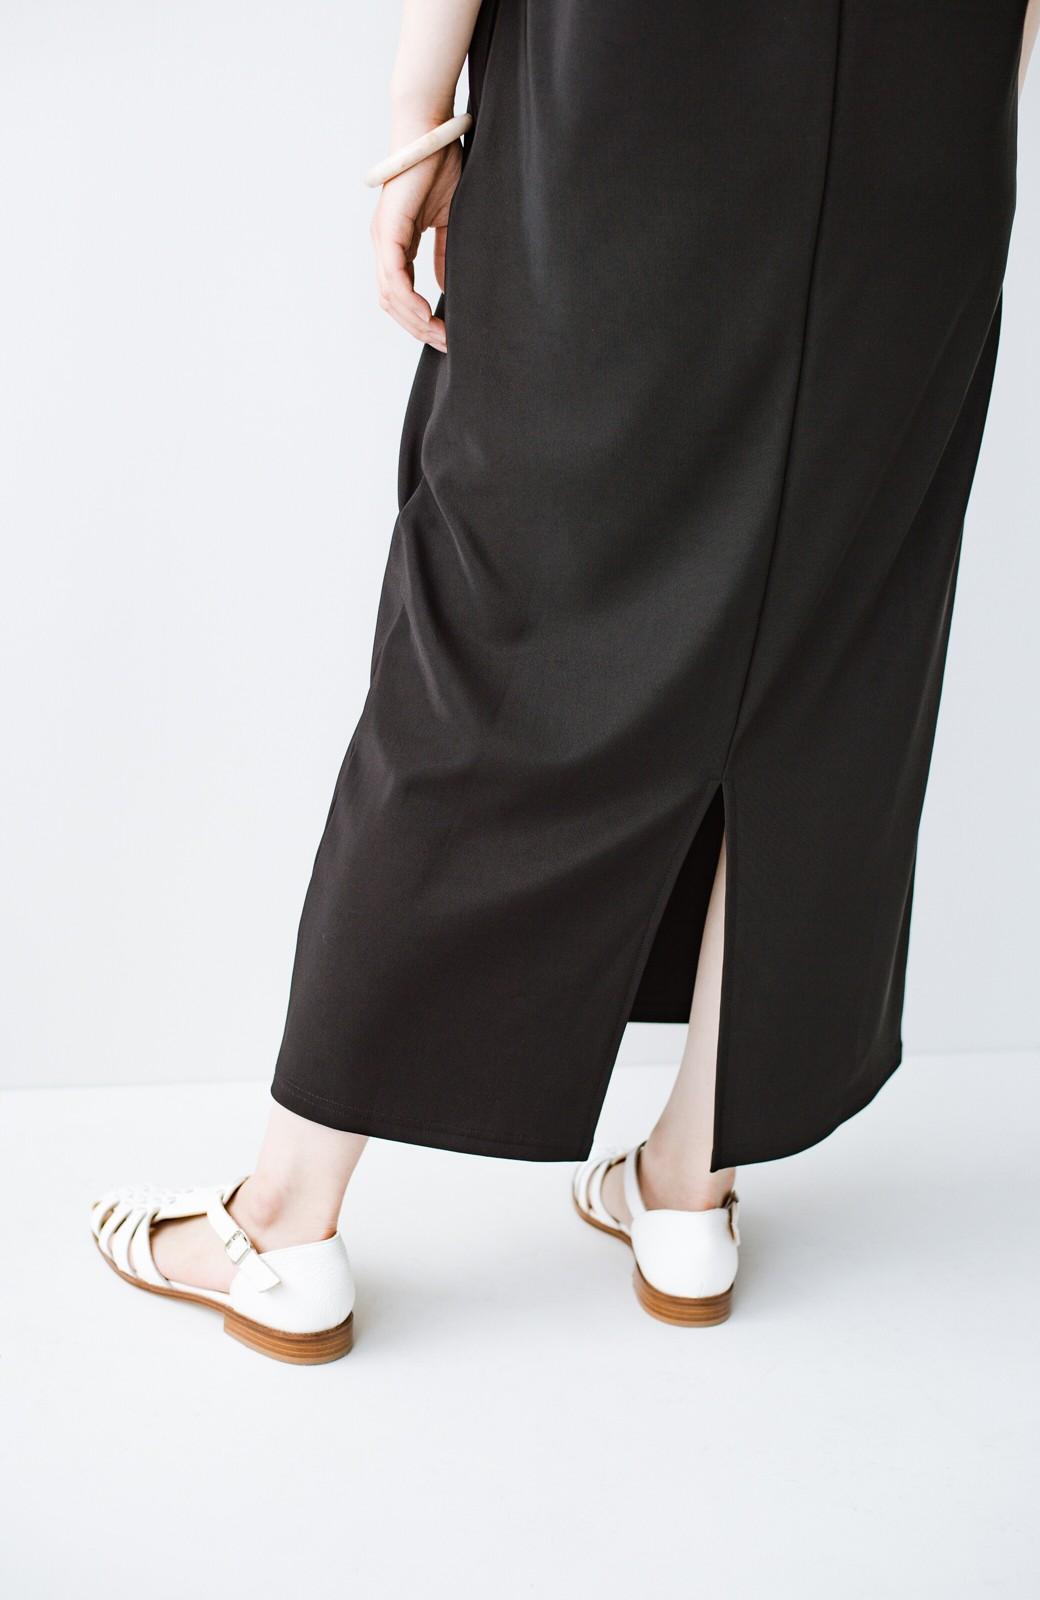 haco! 暑いねと寒いねを言い合える 続く日々がしあわせ どんな日にも寄り添うジャンパースカート by you made me <ブラック>の商品写真9